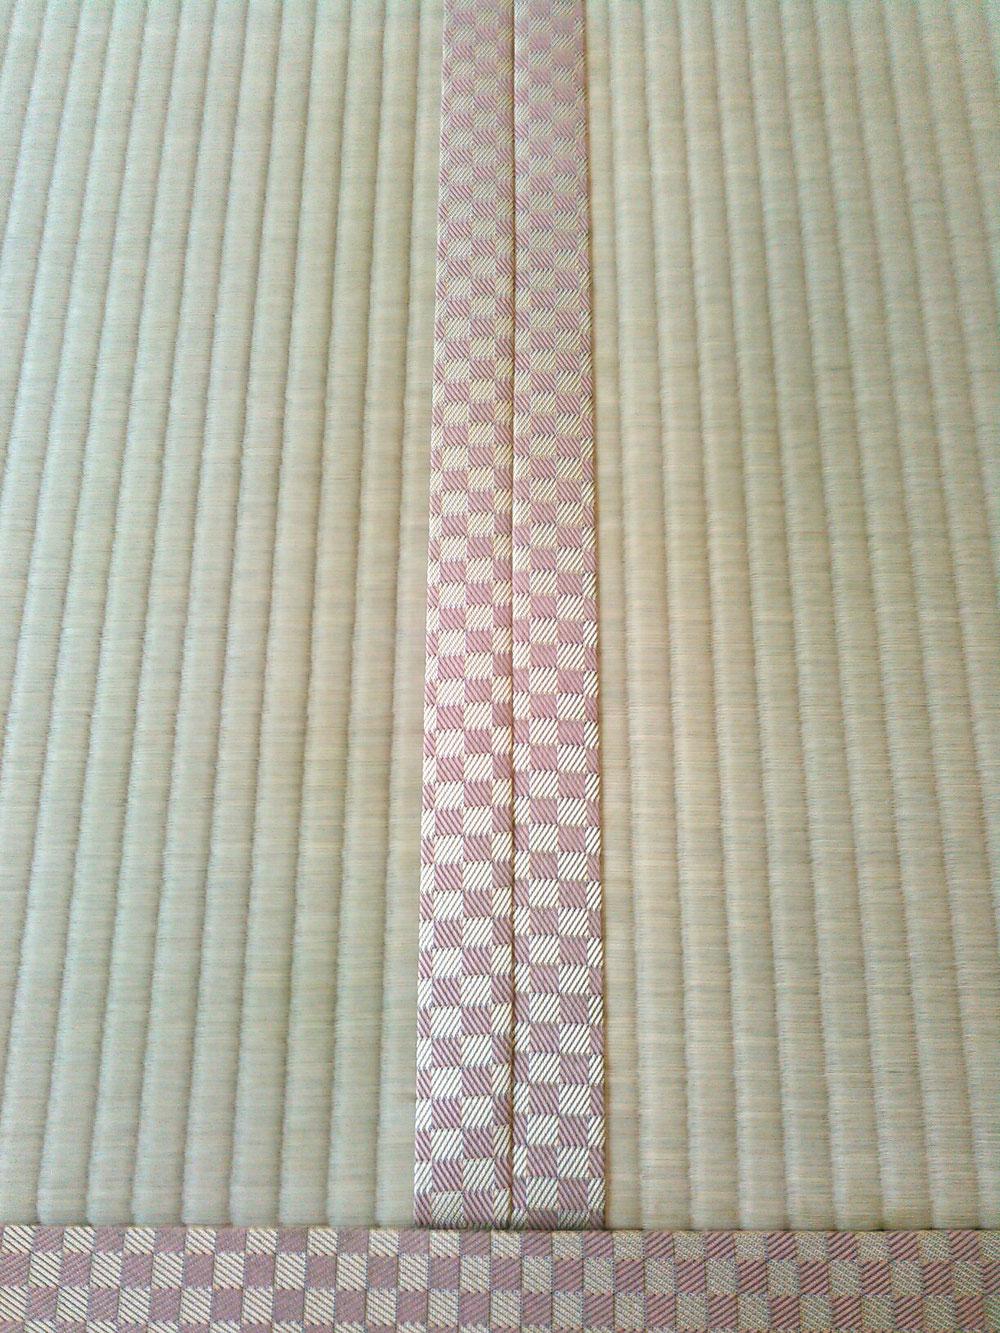 畳縁 ルーミーⅣ No42 熊本産麻綿W表ひのはるかで表替えしました。